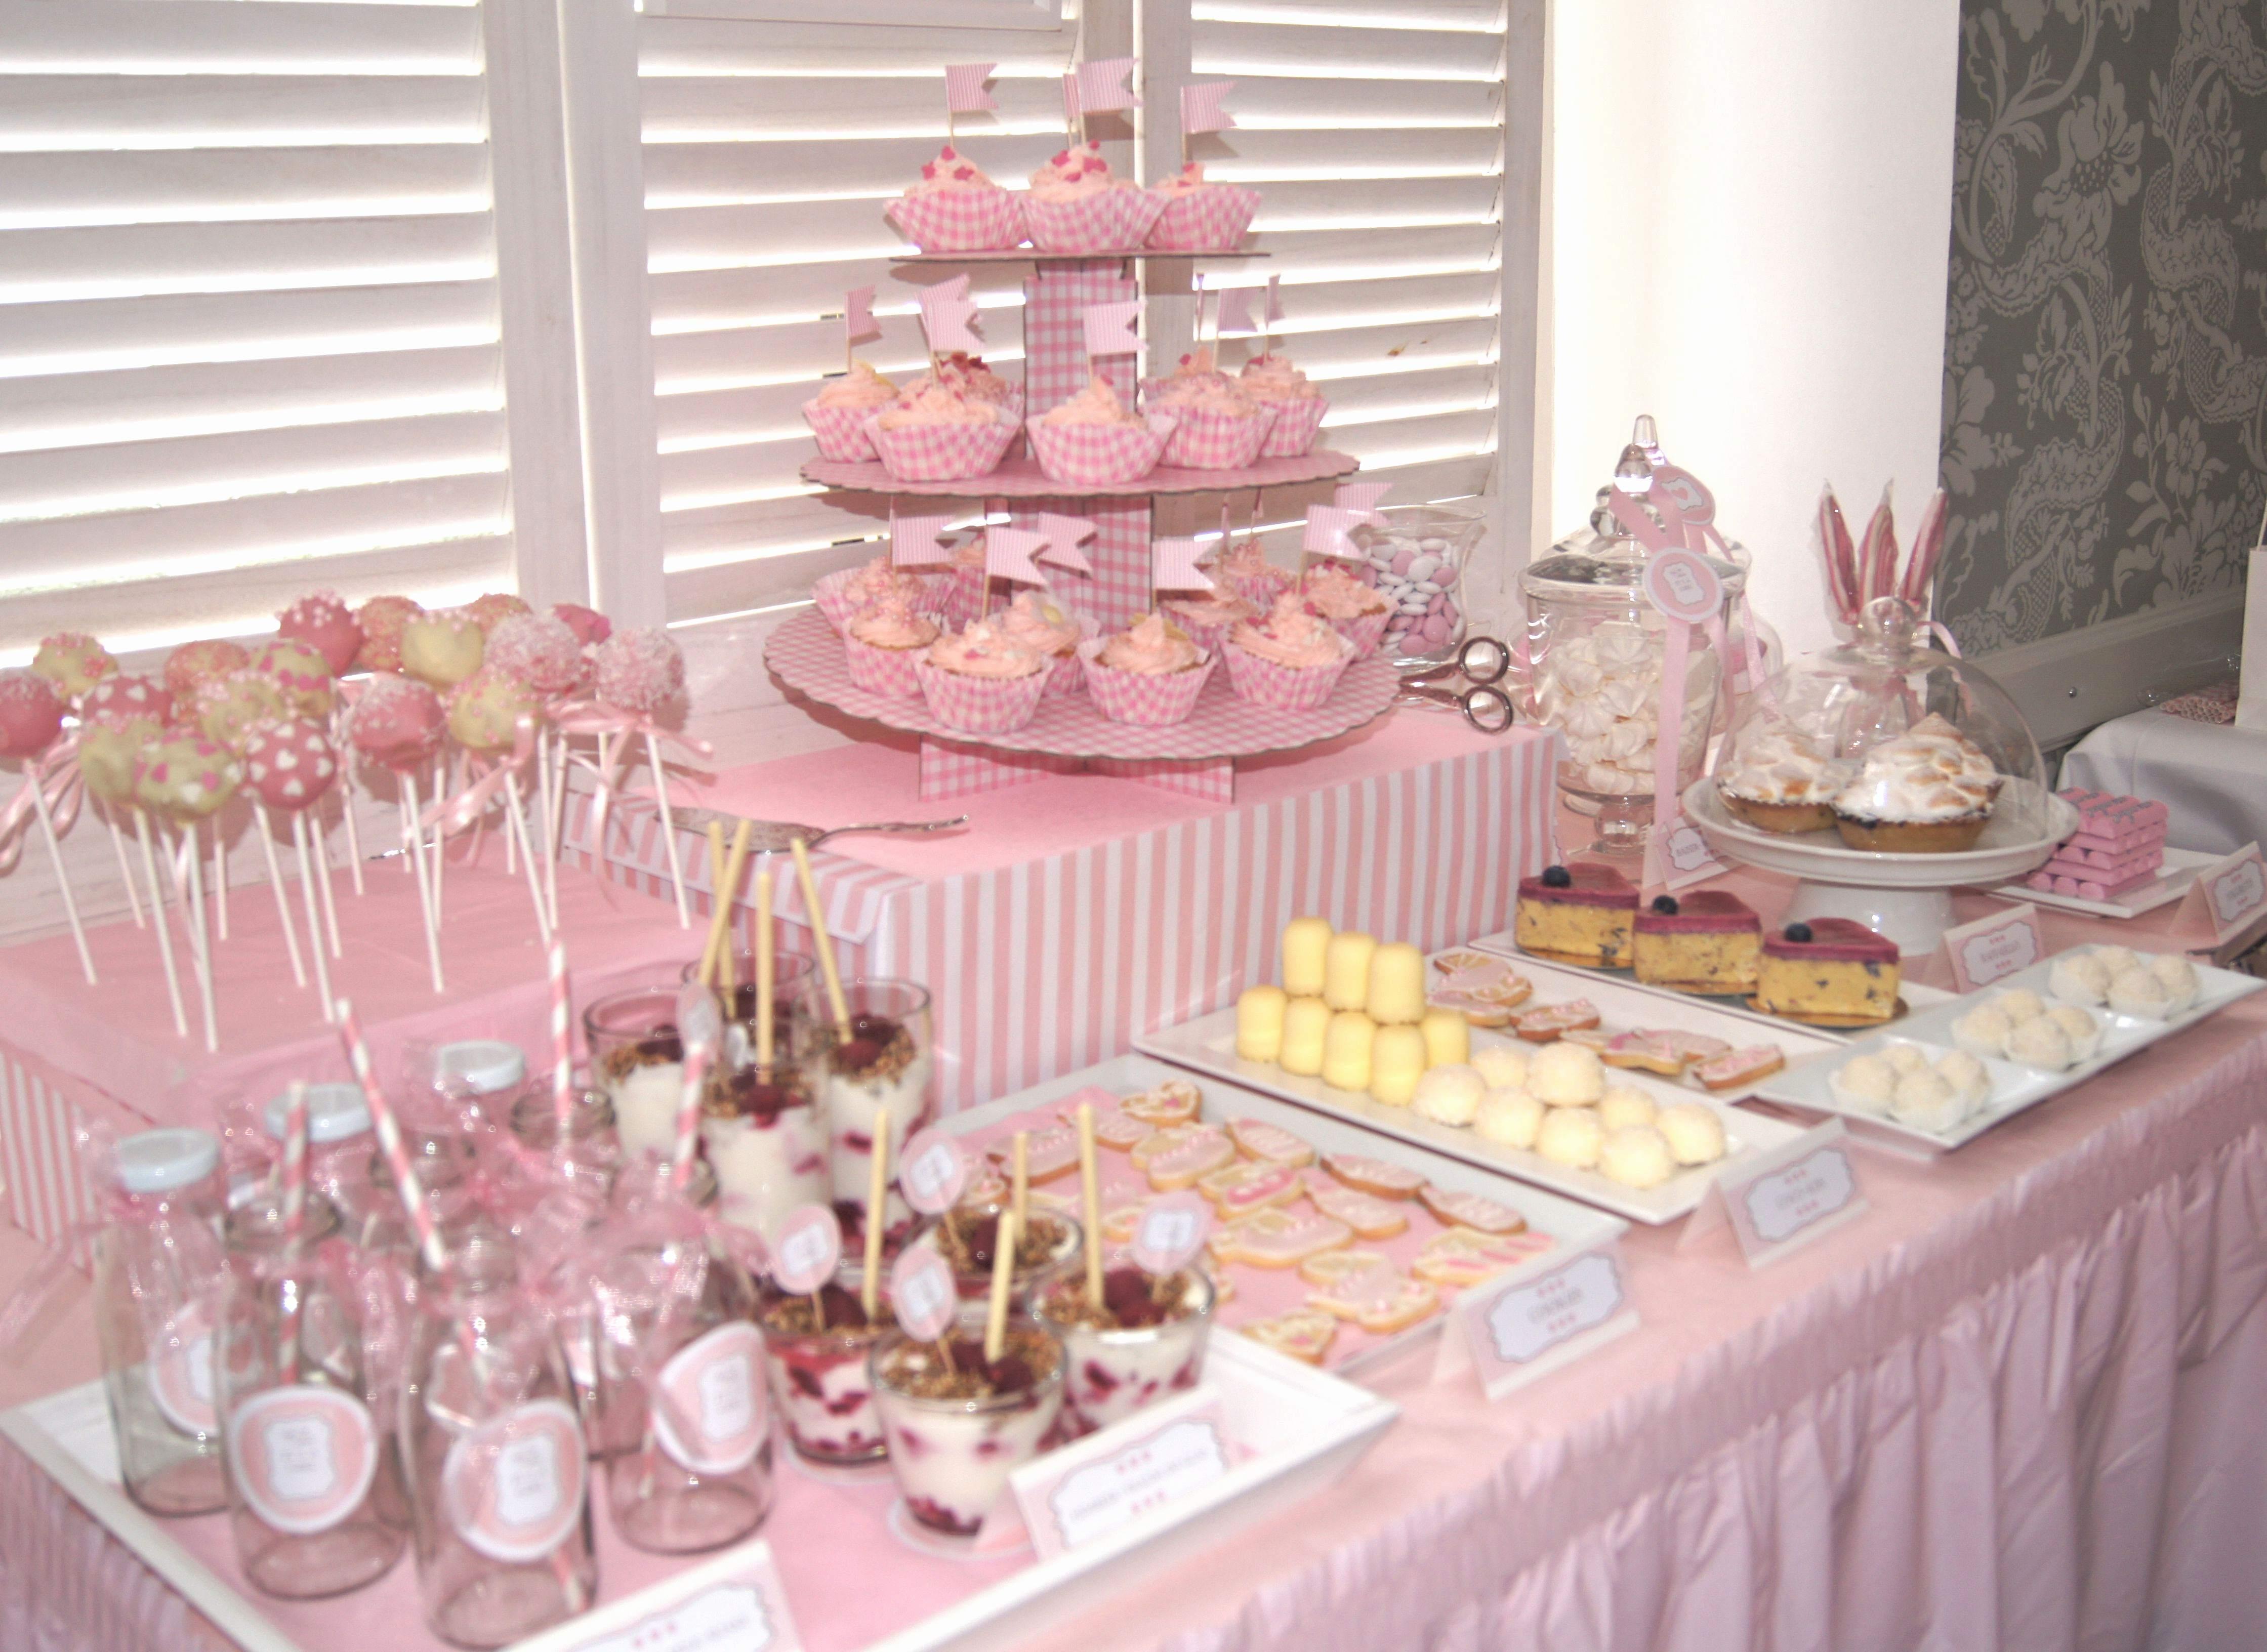 Jeux De Sara Cuisine Meilleur De Images Jeux De Cuisine Avec Sara Gracieux Candybar Rosa Bautizo Babyshower